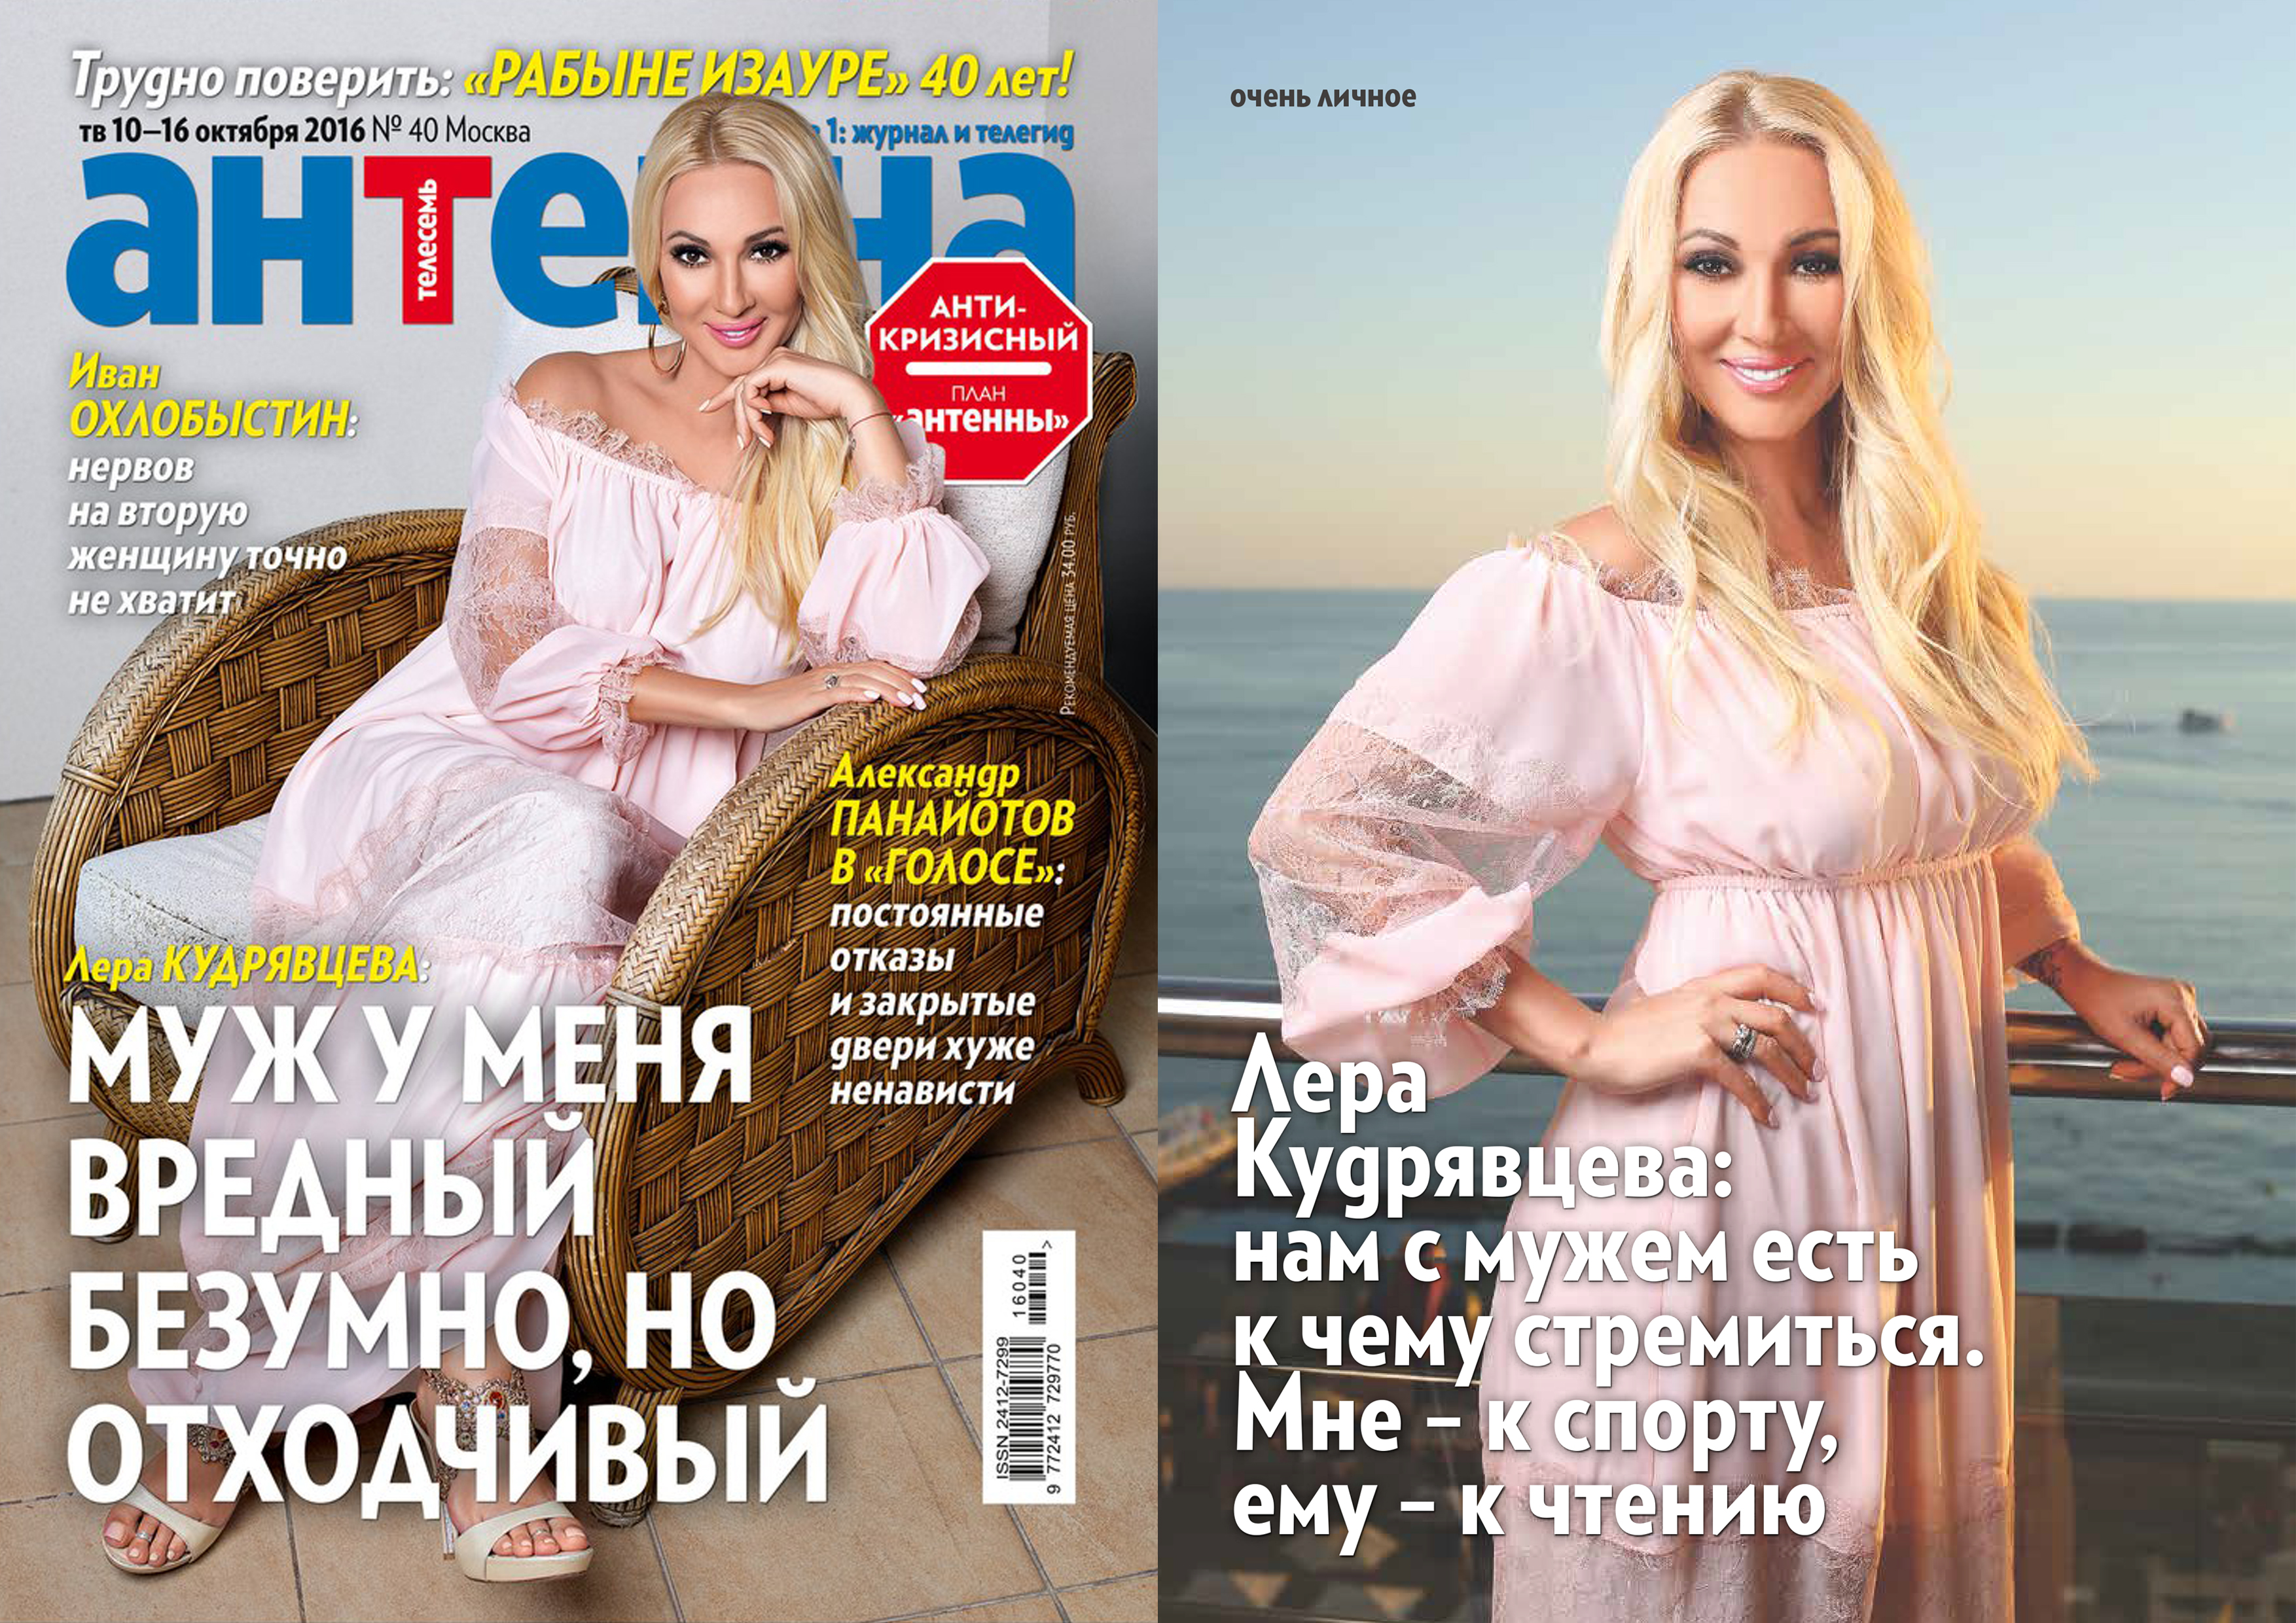 номер включает фото леры кудрявцевой в журнале плейбой каком банке